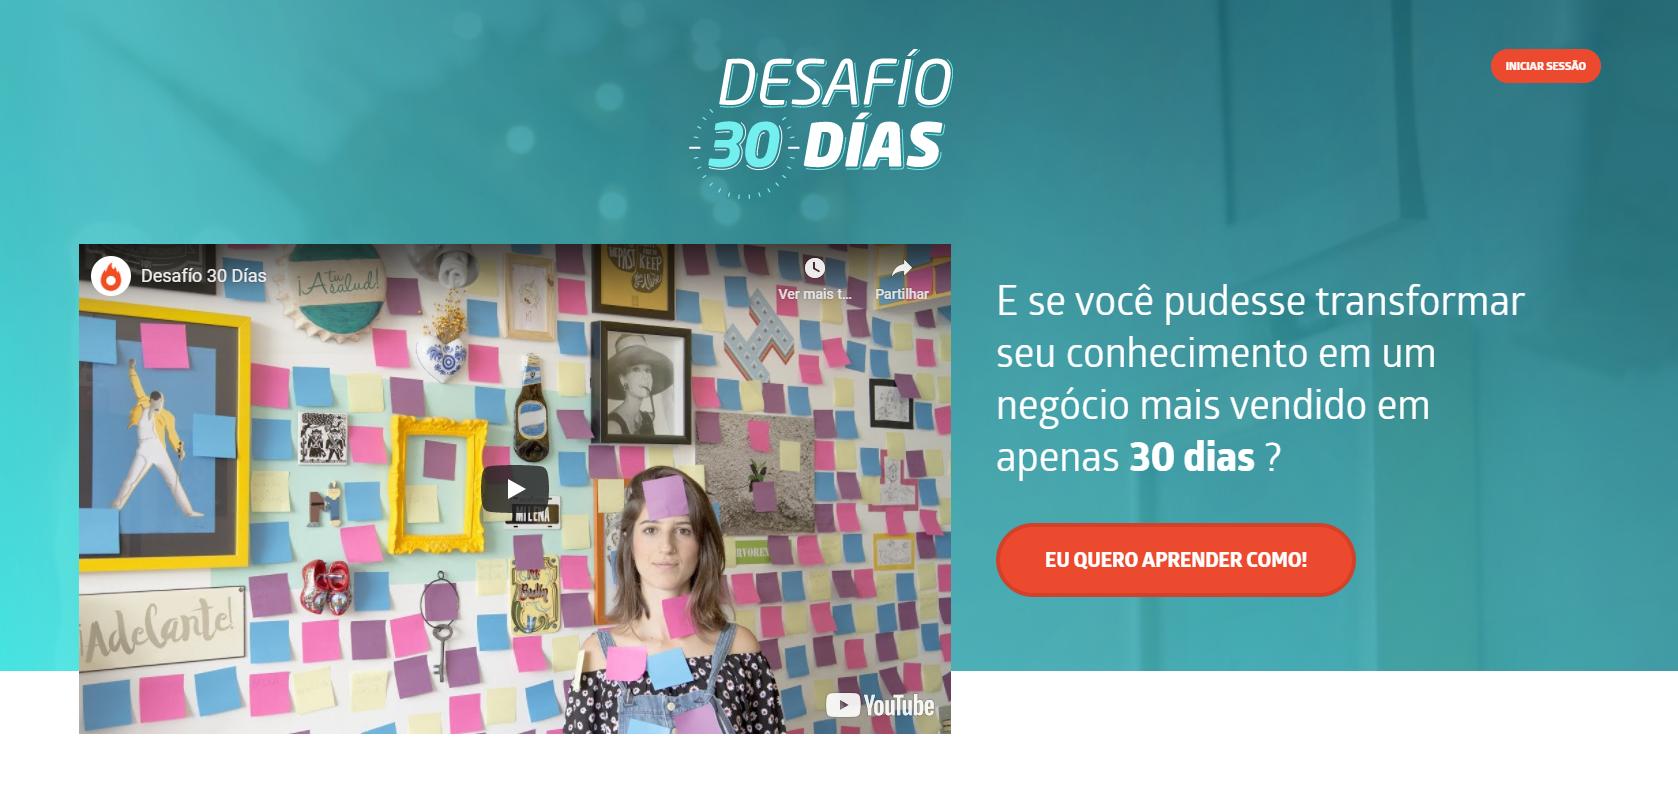 Melhores cursos online: Desafio 30 dias, da Hotmart